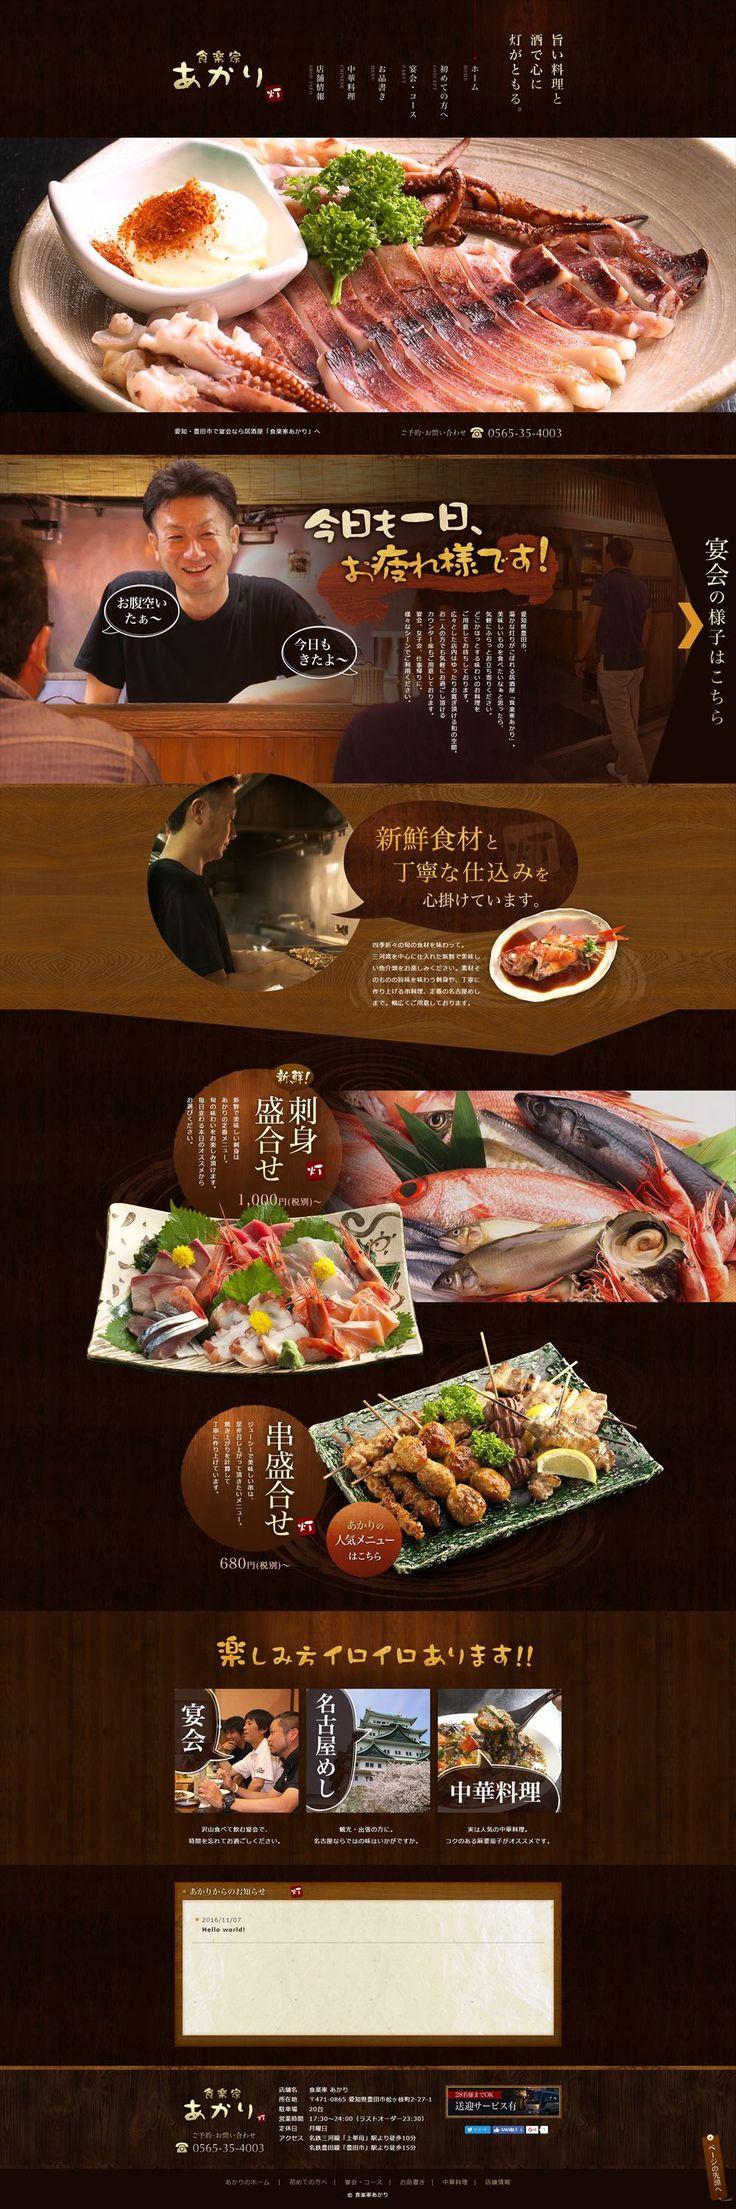 食楽家あかり-トップ_R